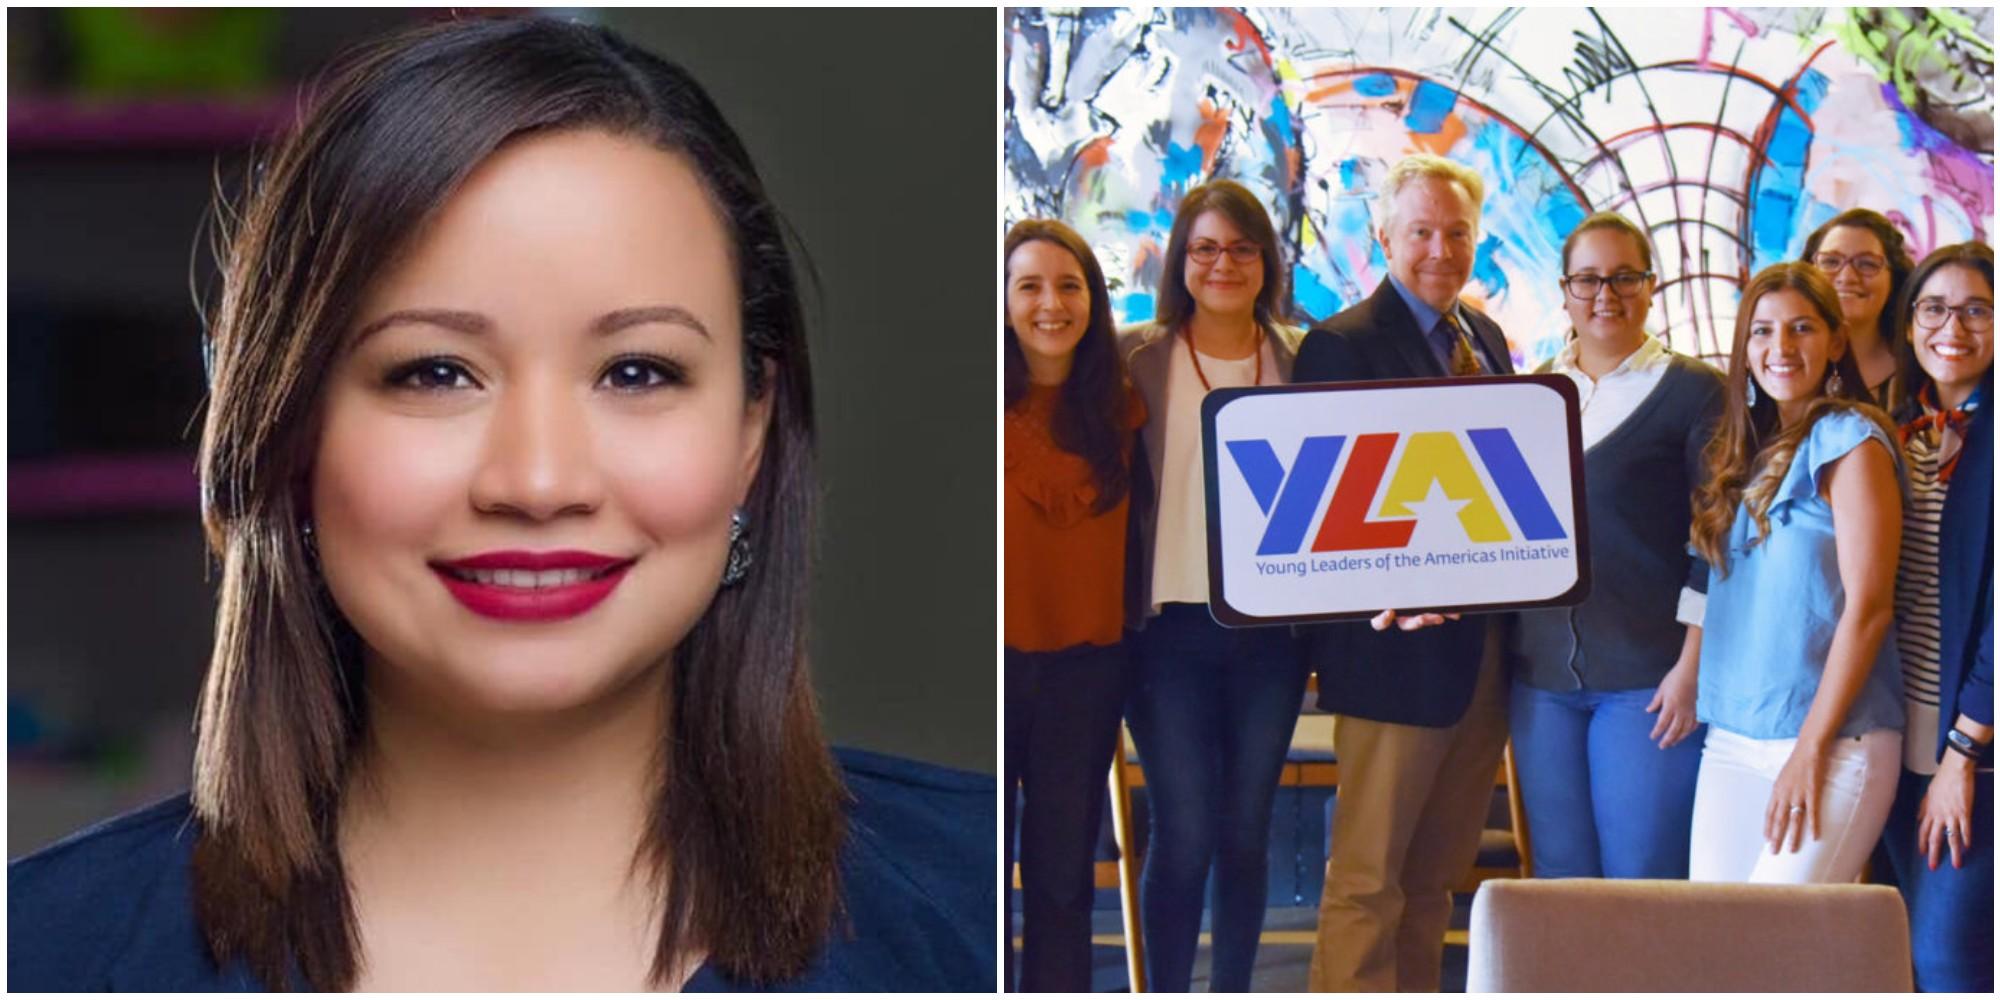 Merary García estará en Young Leaders of the America Initiative